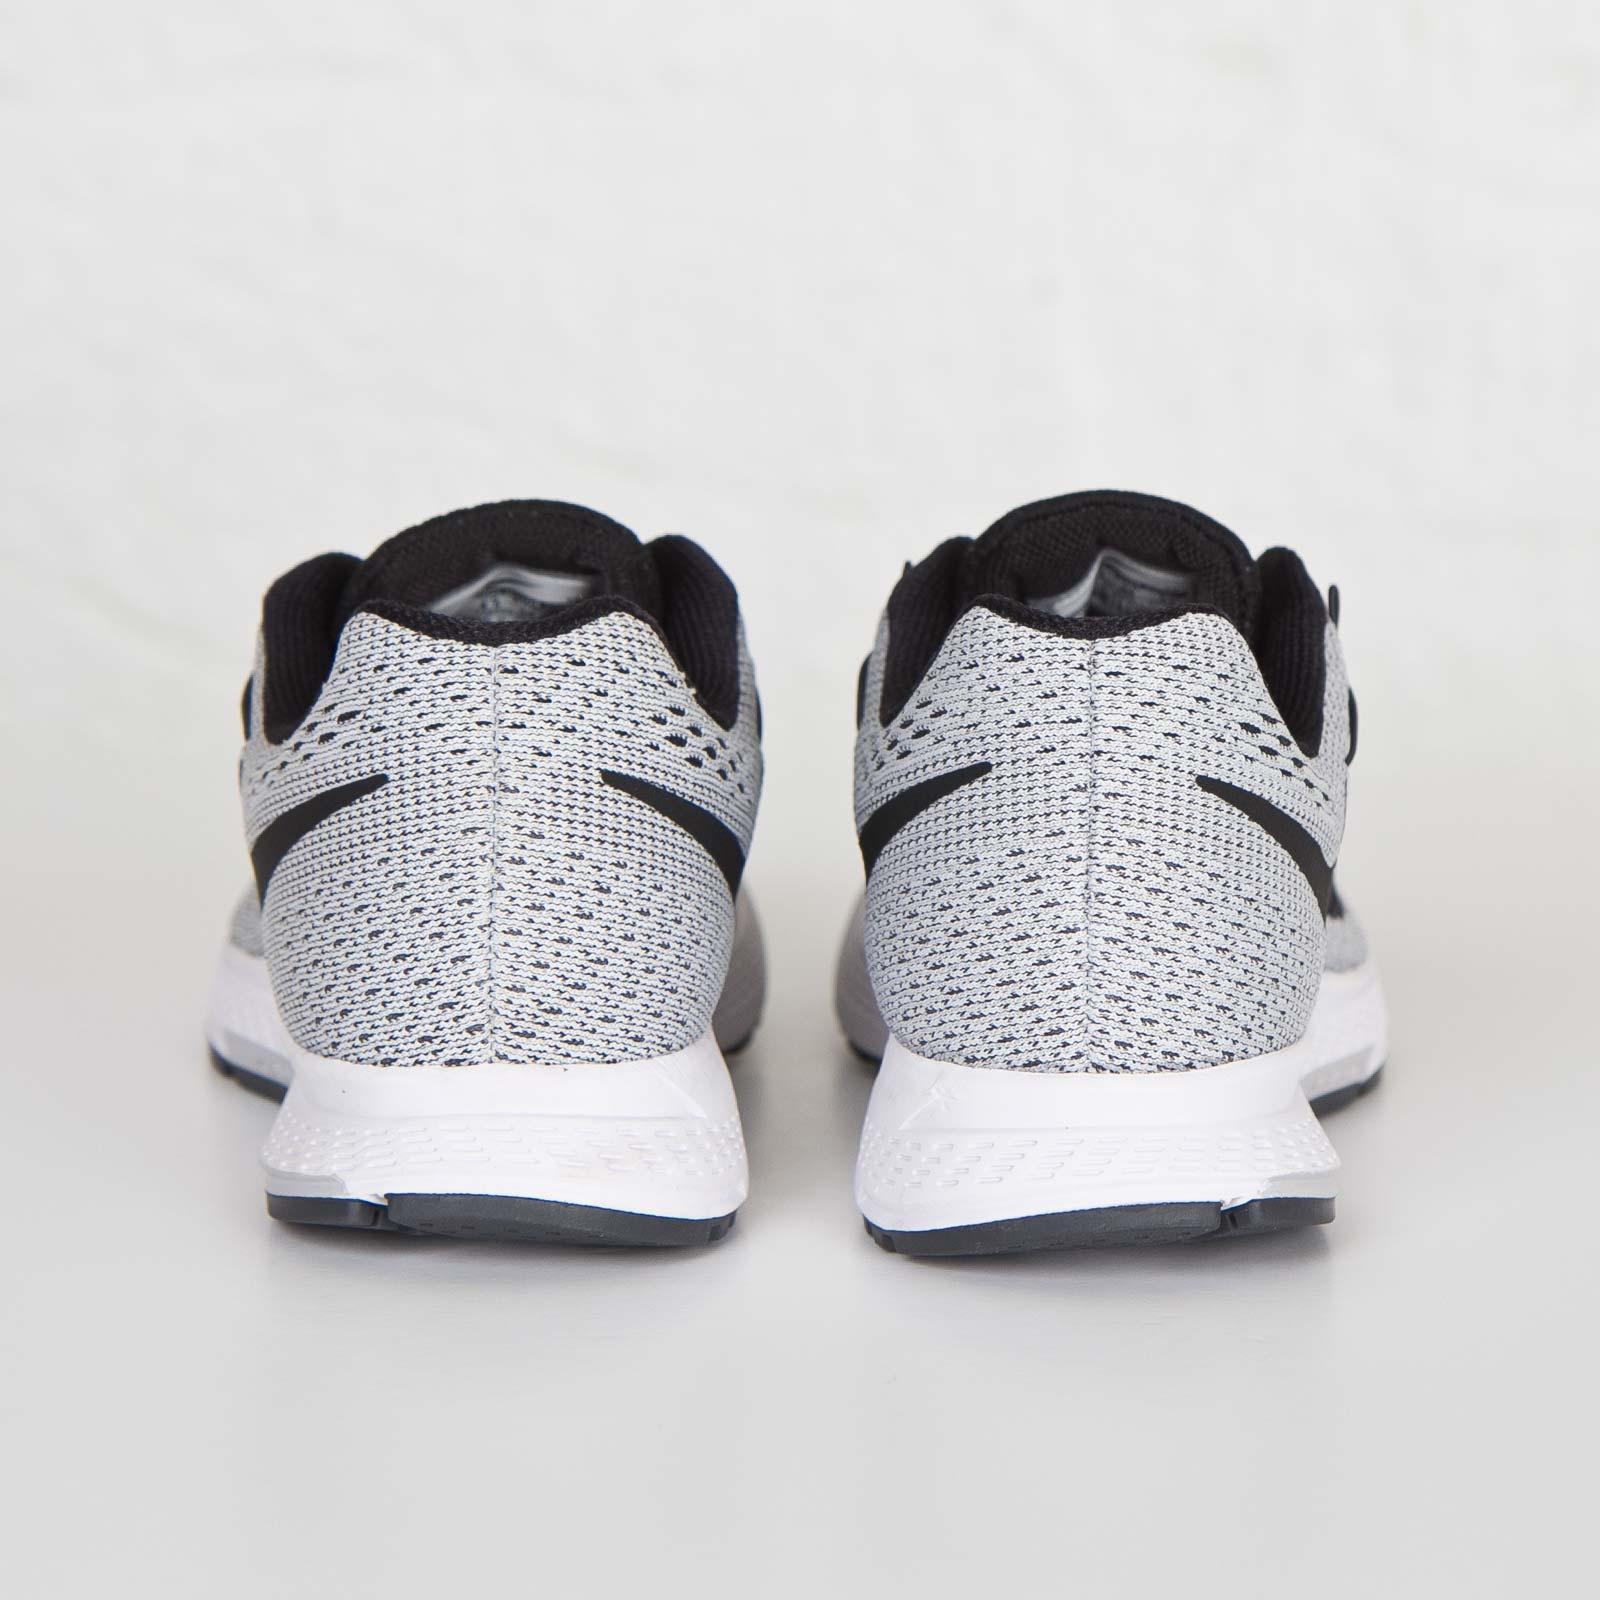 brand new d53d6 15222 Nike Wmns Air Zoom Pegasus 32 - 749344-002 - Sneakersnstuff   sneakers    streetwear online since 1999